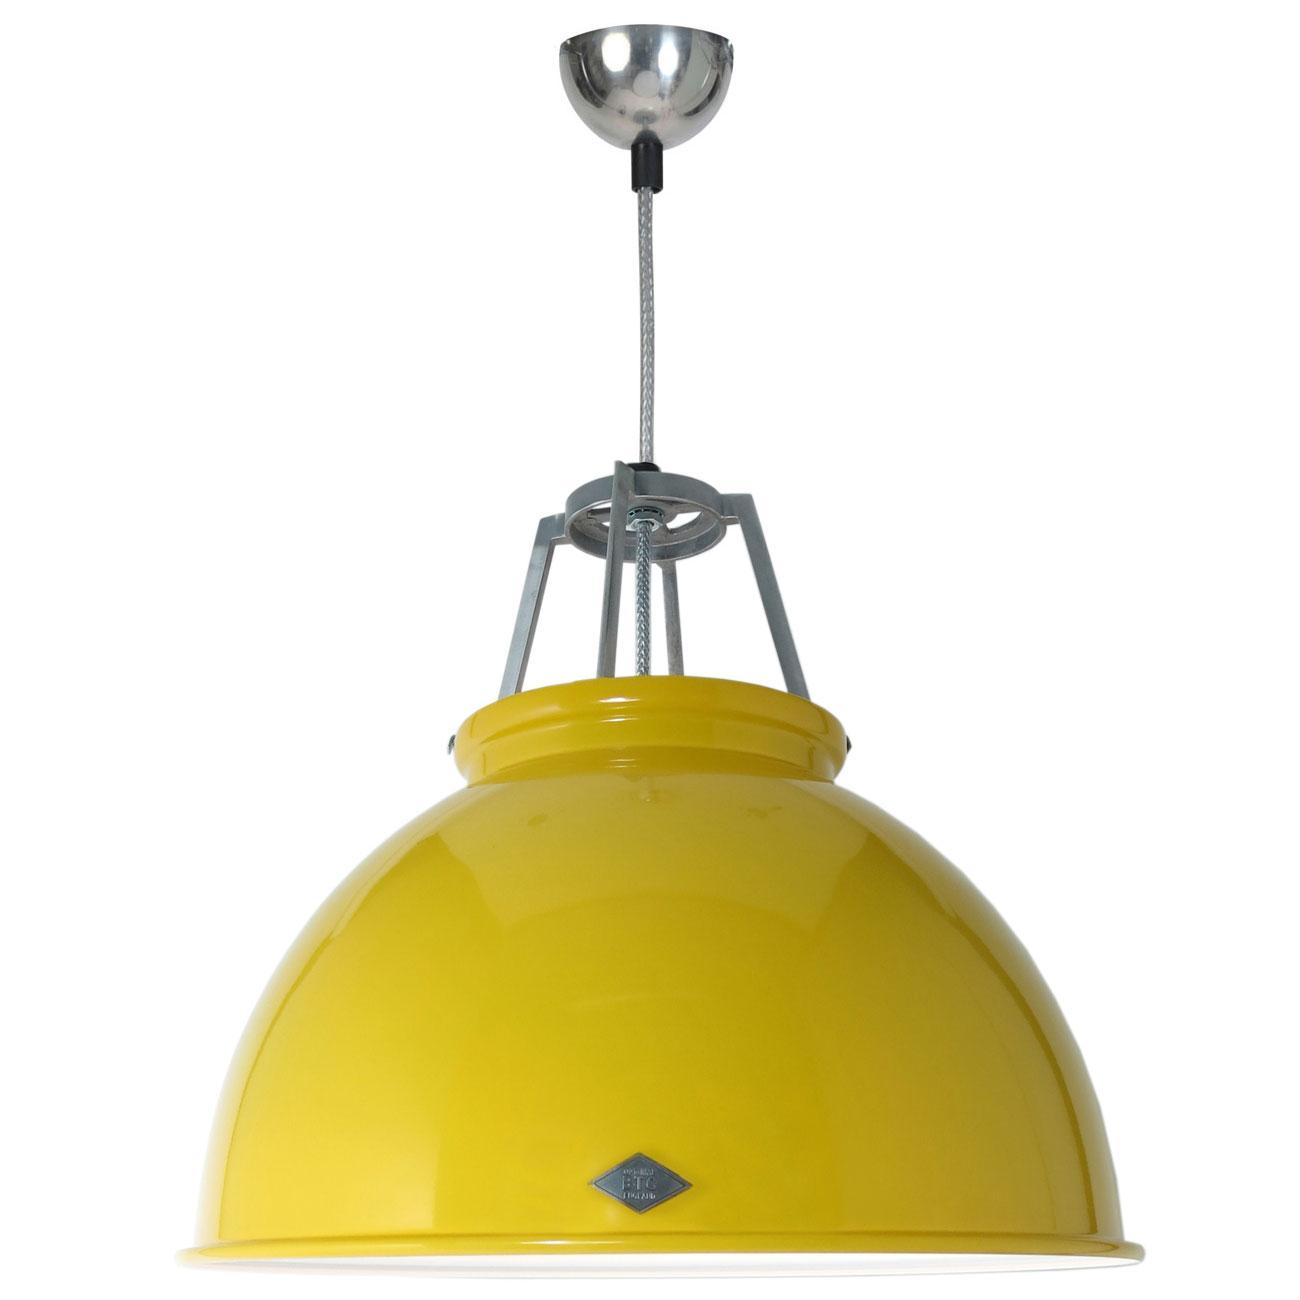 TITAN | Pendant, yellow with white